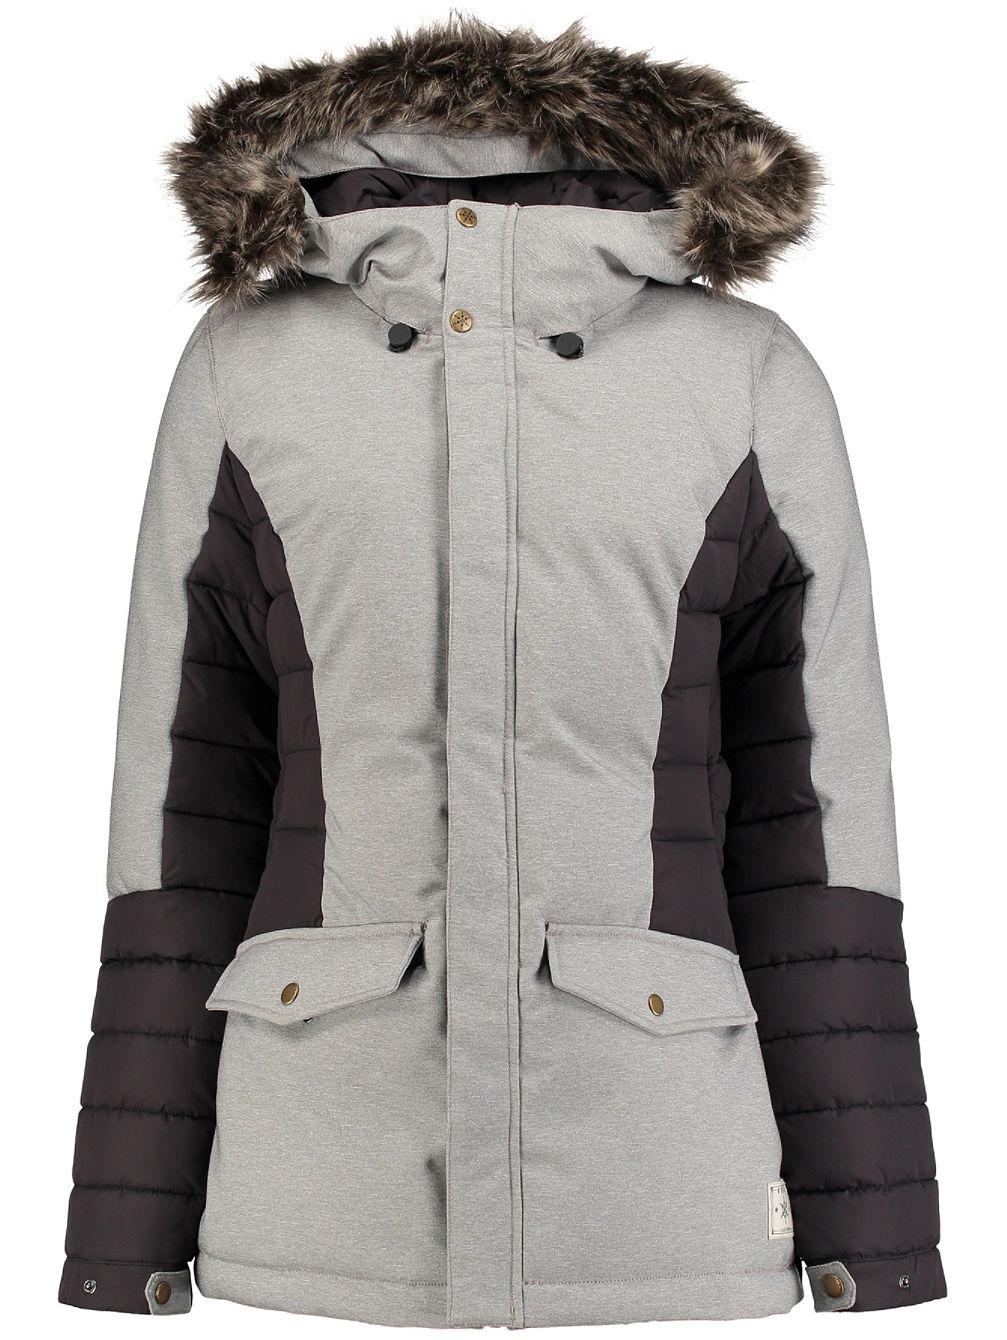 Artikel klicken und genauer betrachten! - O´Neill´s Feline Ski JacketFashionistas werden die Feline Damen Skijacke lieben. Sie ist ein wahrer Hybrid aus Streetstyle und Technologie die dank 10K/10K Waterproofing/Breathability, Belüftungen und taped Seams für die nächste Action bereit ist. Mit abnehmbarem Schneefang, dem Kunstfellbesatz an der Kapuze und der Stoffoptik ist sie ein Hingucker in der City und auf der Piste.   im Online Shop kaufen